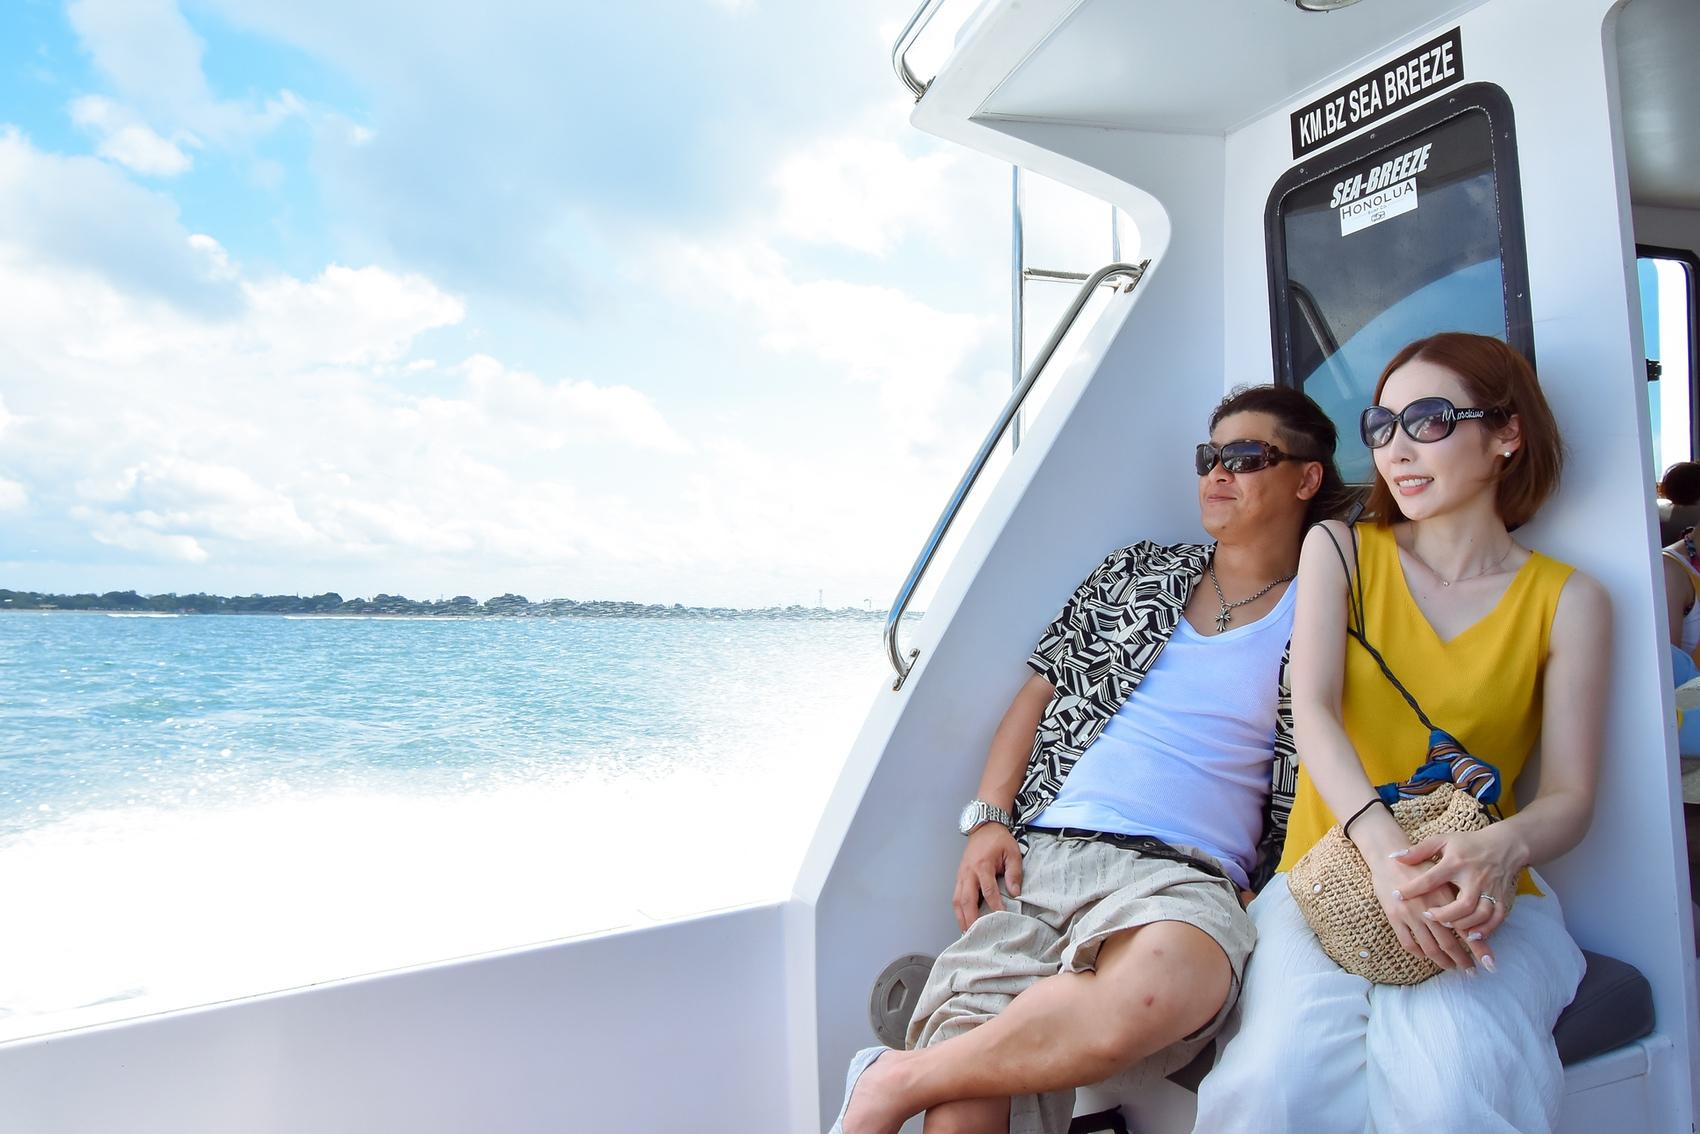 スピードボートでレンボンガン島へ